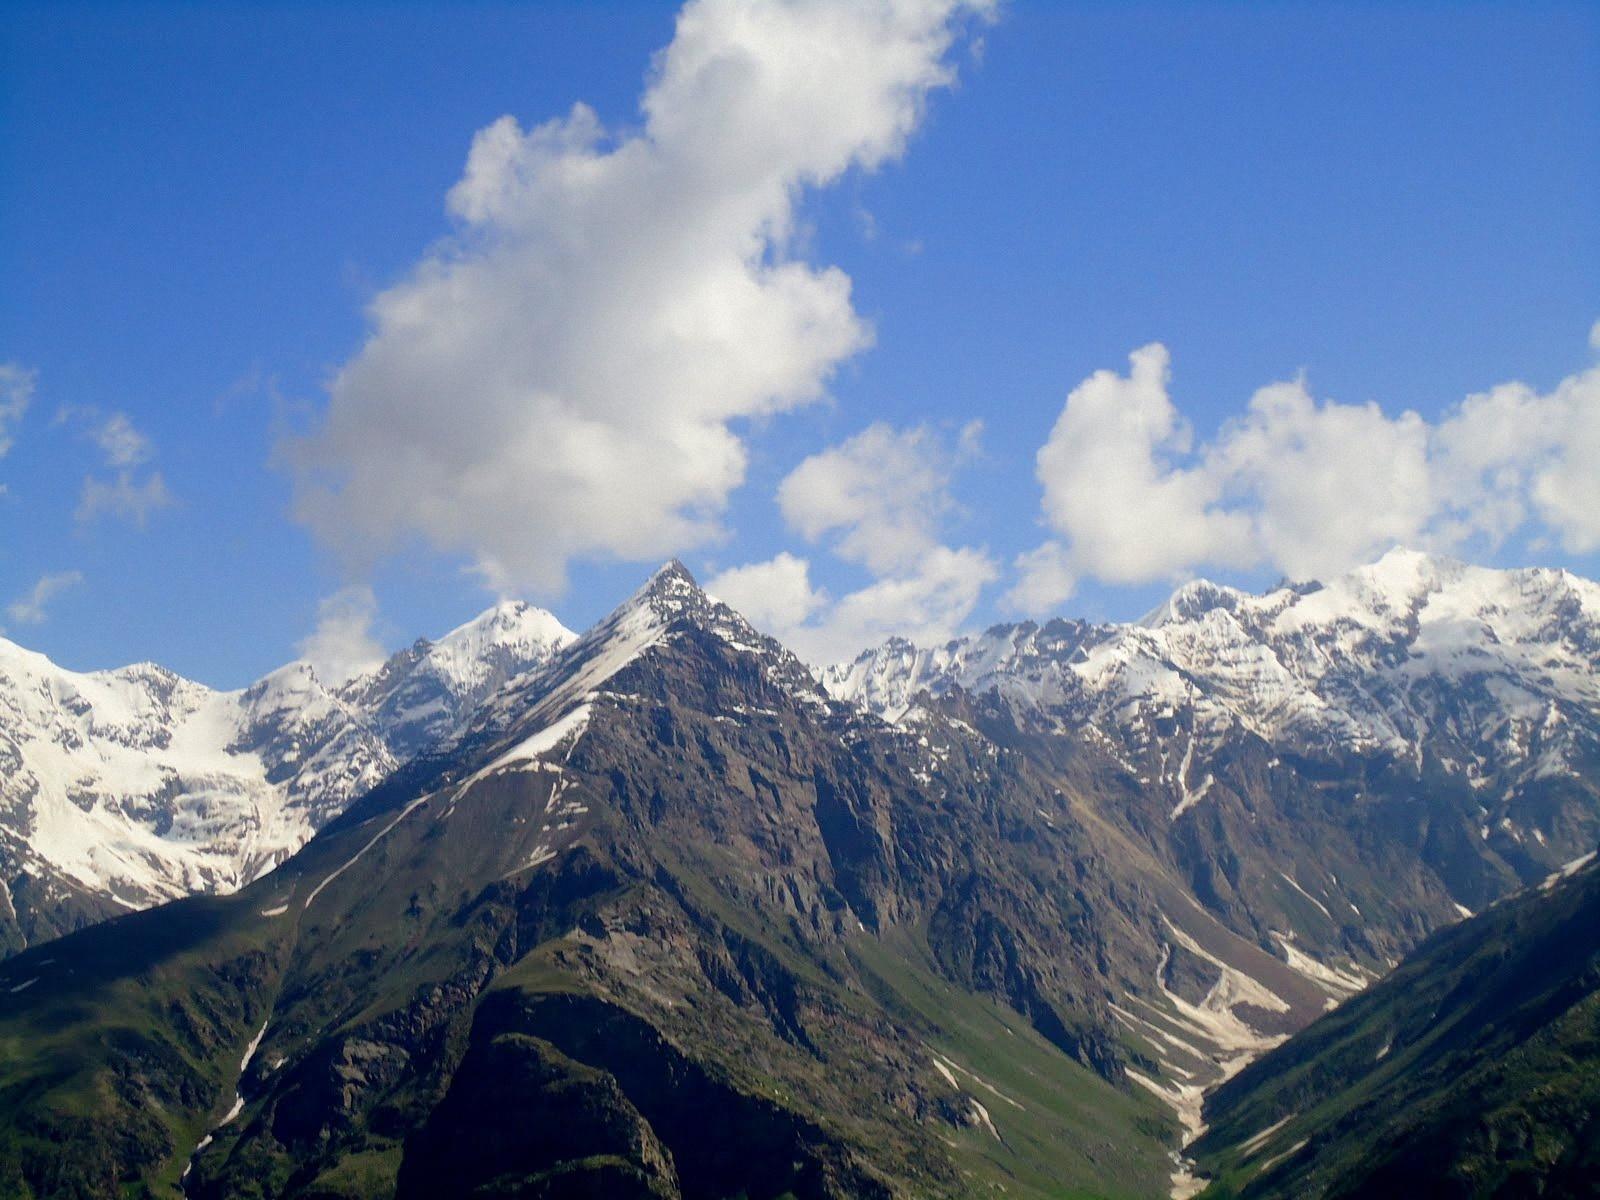 Mountain Range Wallpaper - WallpaperSafari